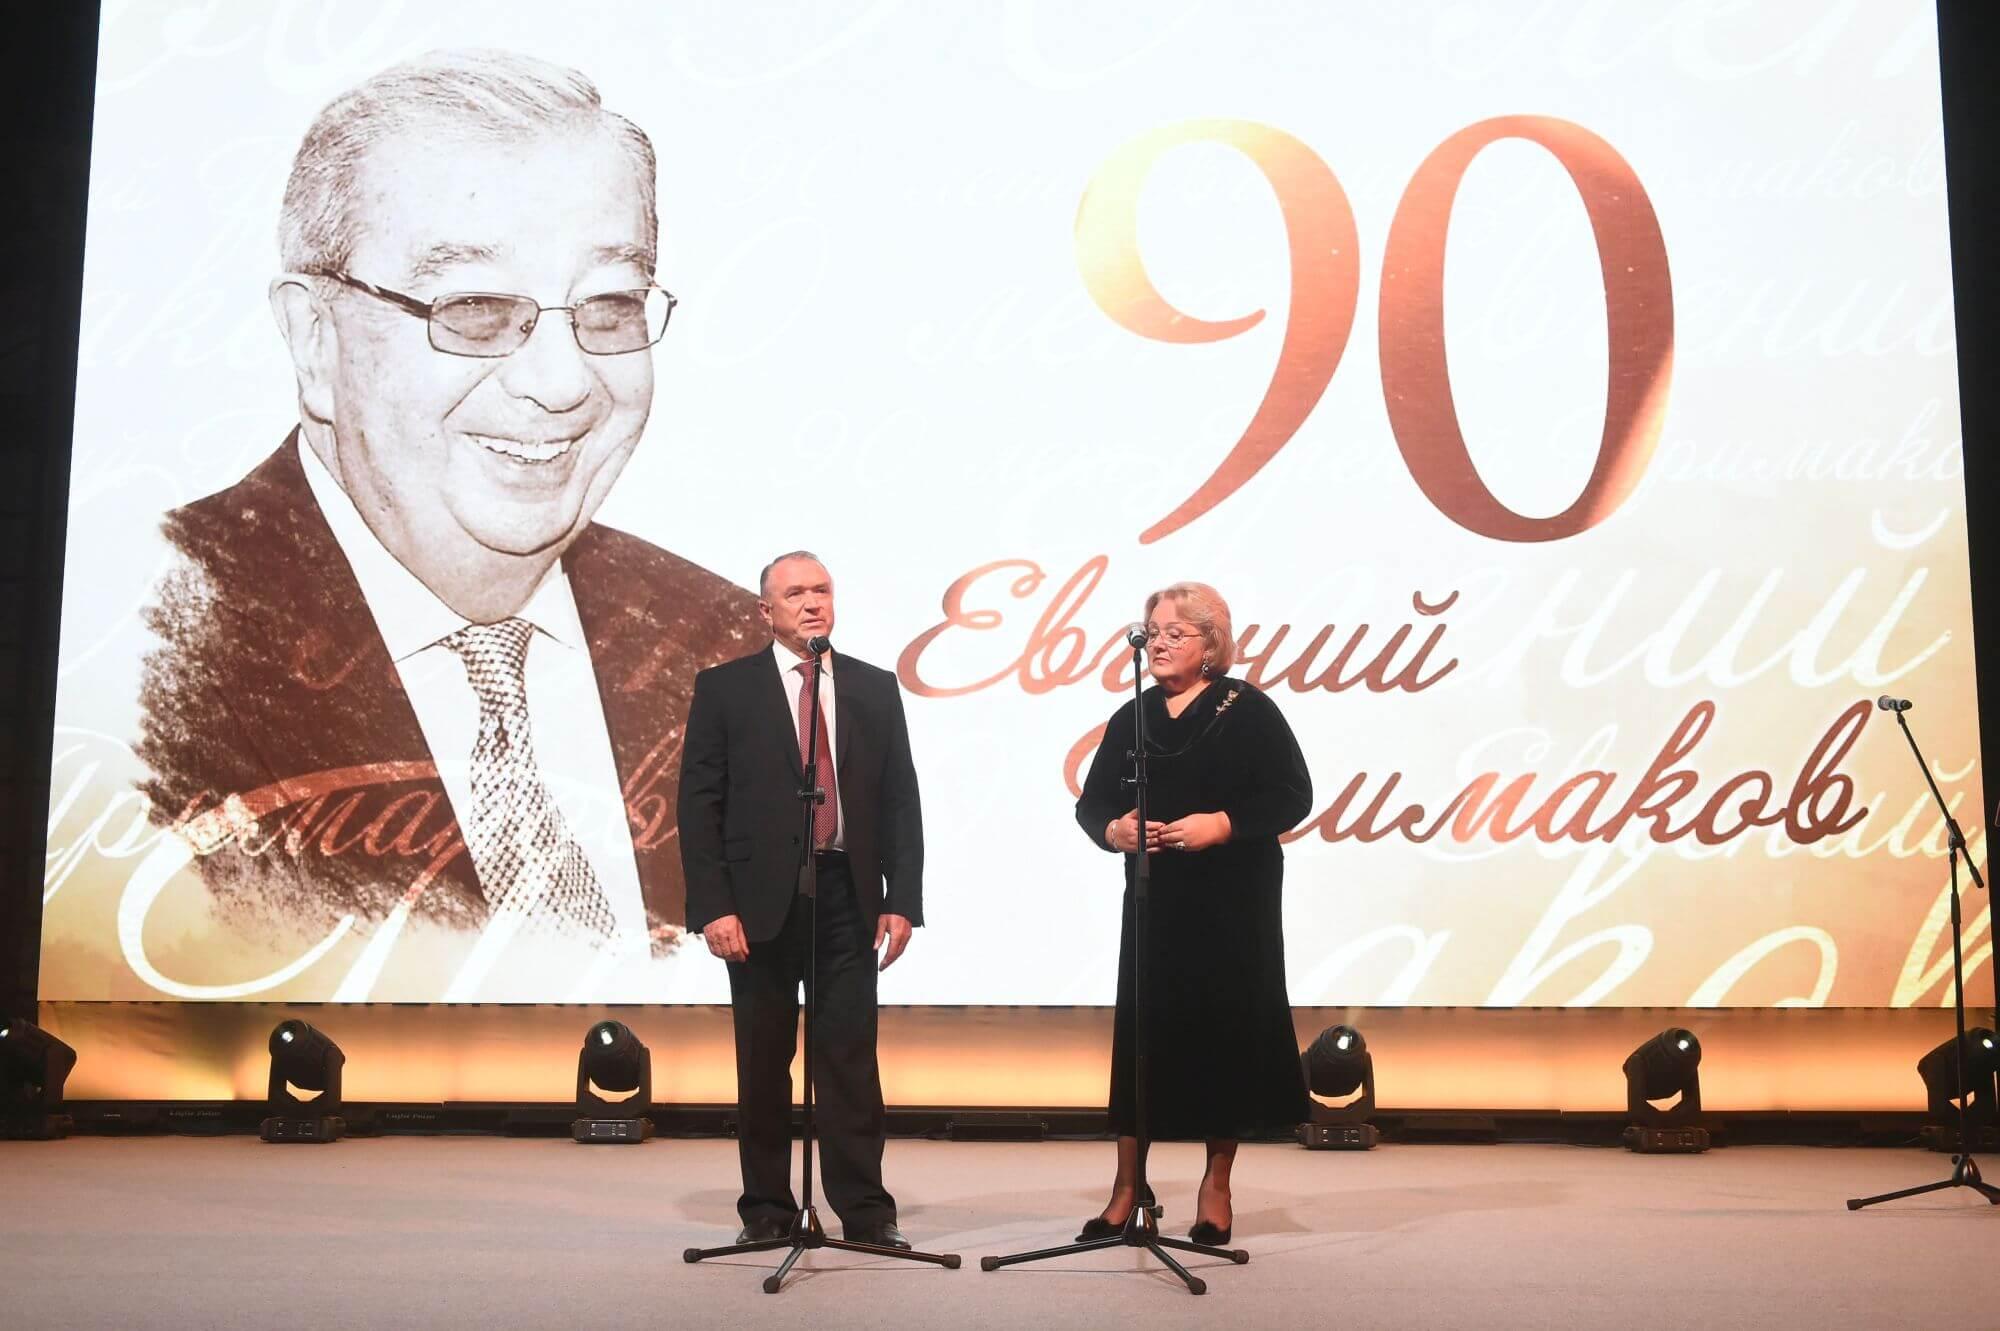 Президент ТПП РФ Сергей Николаевич Катырин и супруга Евгения Максимовича Ирина Борисовна Примакова.